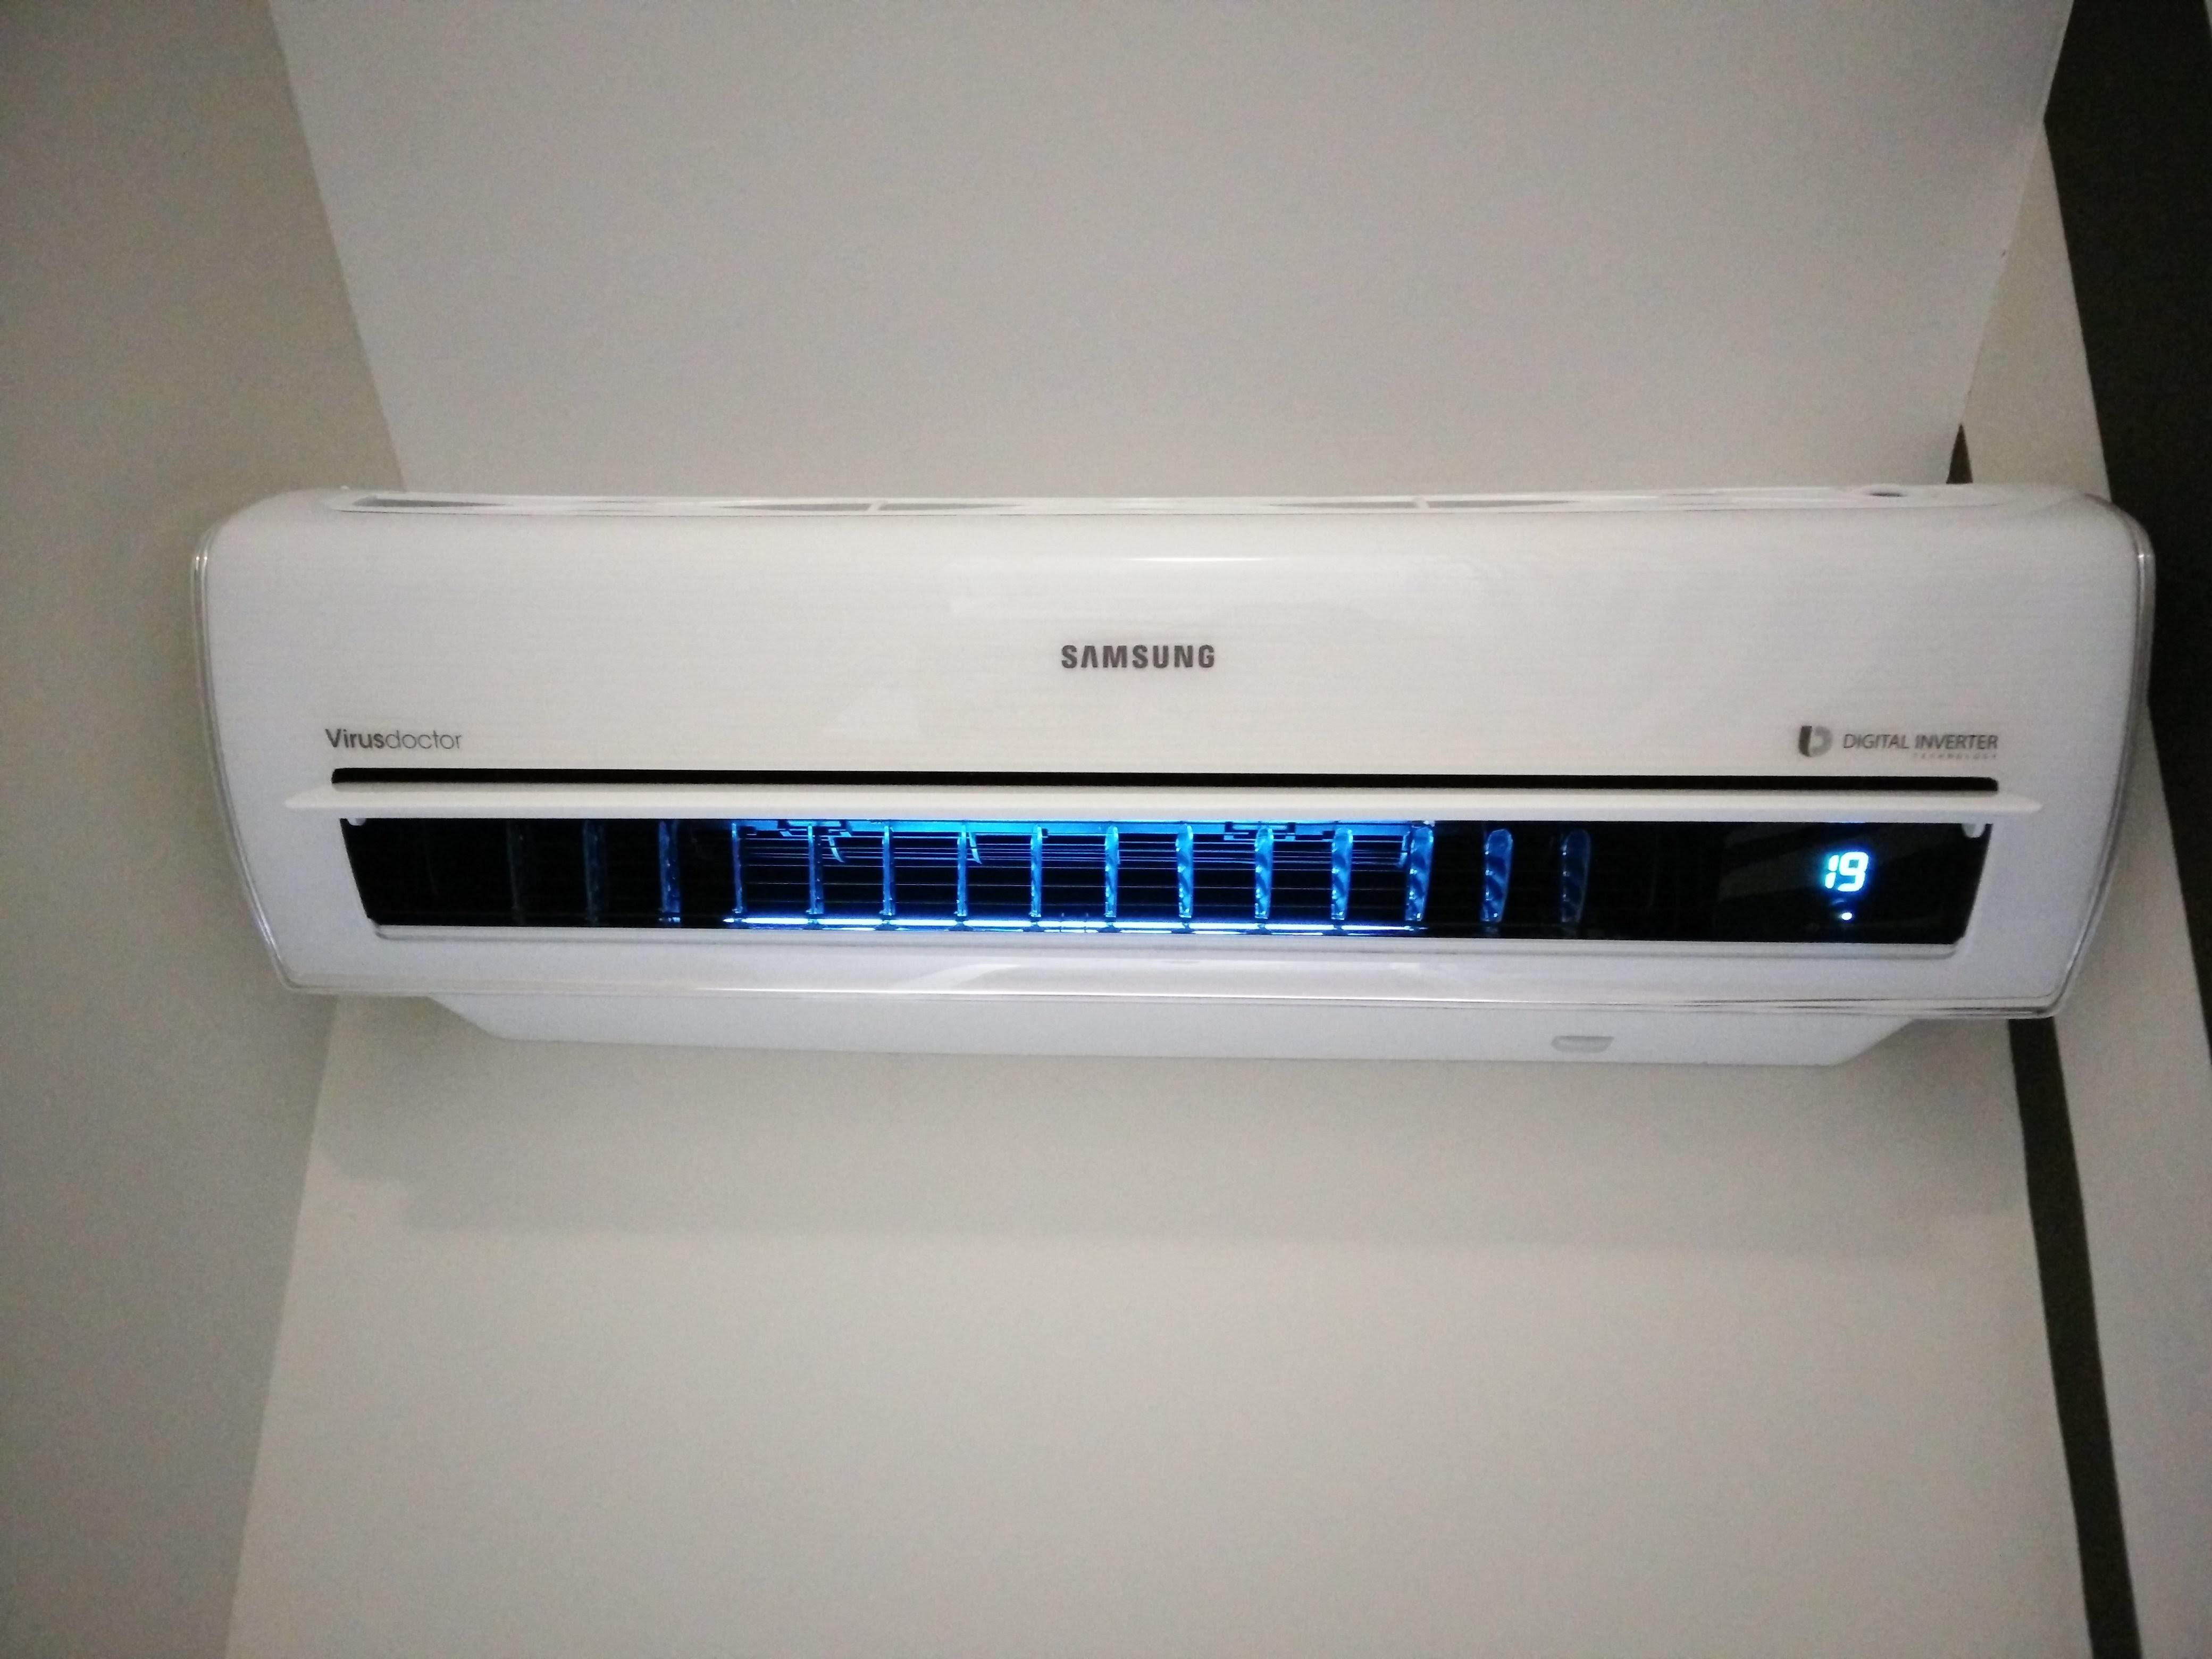 Huis verwarmen met een lucht lucht warmtepomp duurzame energie domotica got - Kleine ruimte ontwikkeling m ...